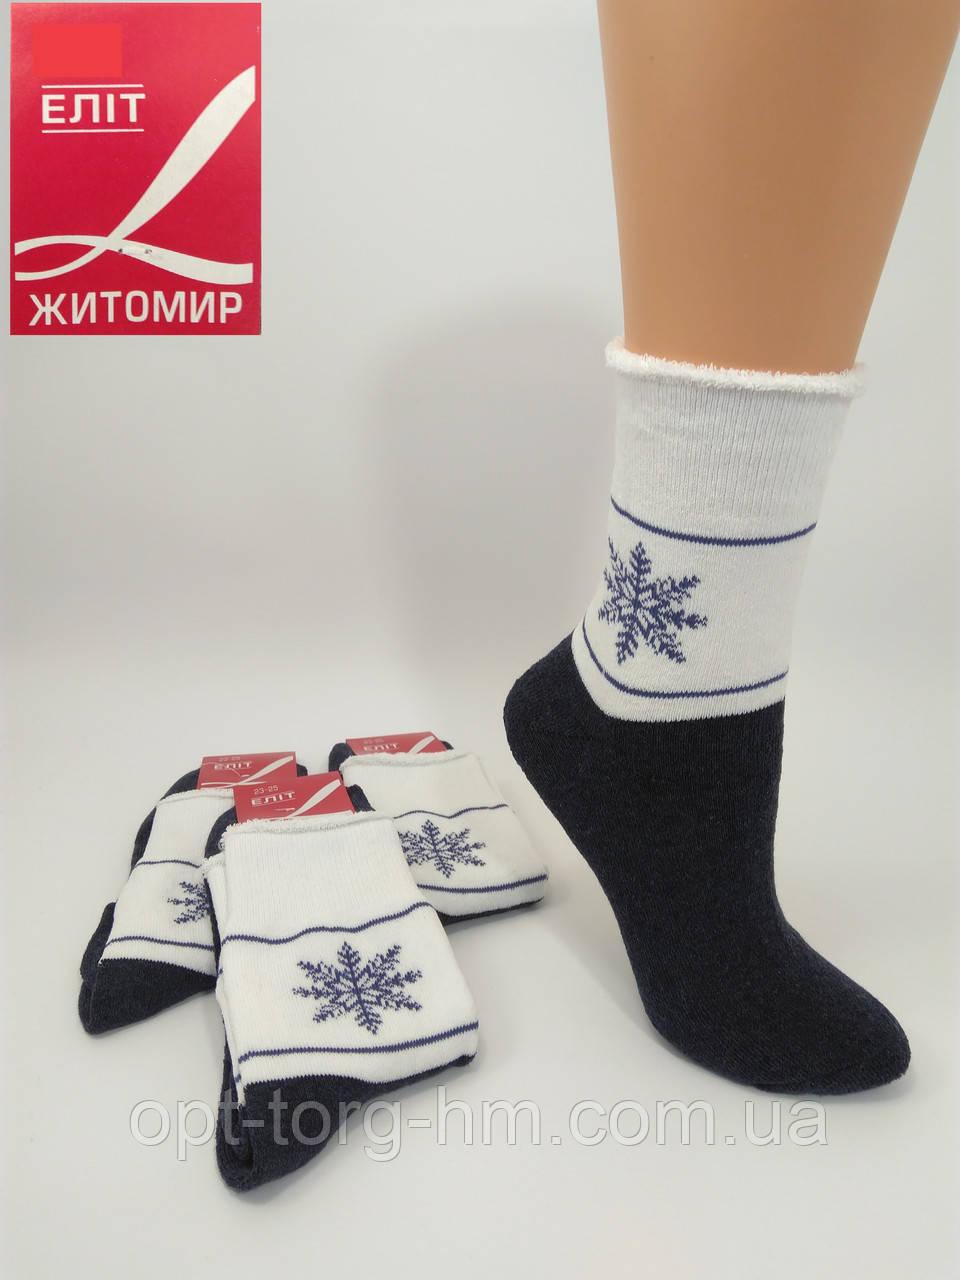 Махровые женские носки 10шт./уп.